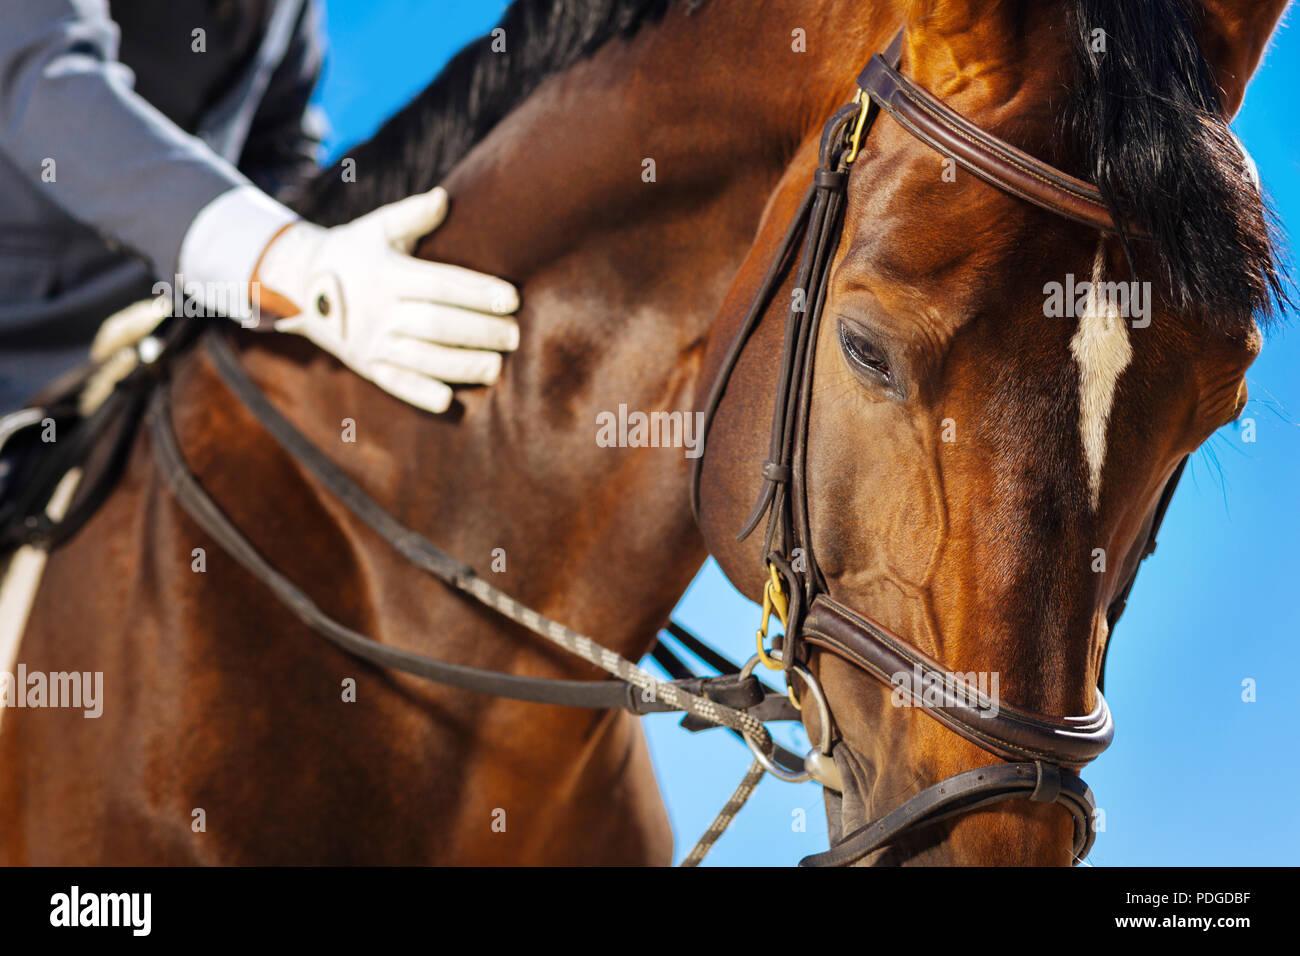 Cheval de course avec tache blanche sur la tête humblement debout Photo Stock